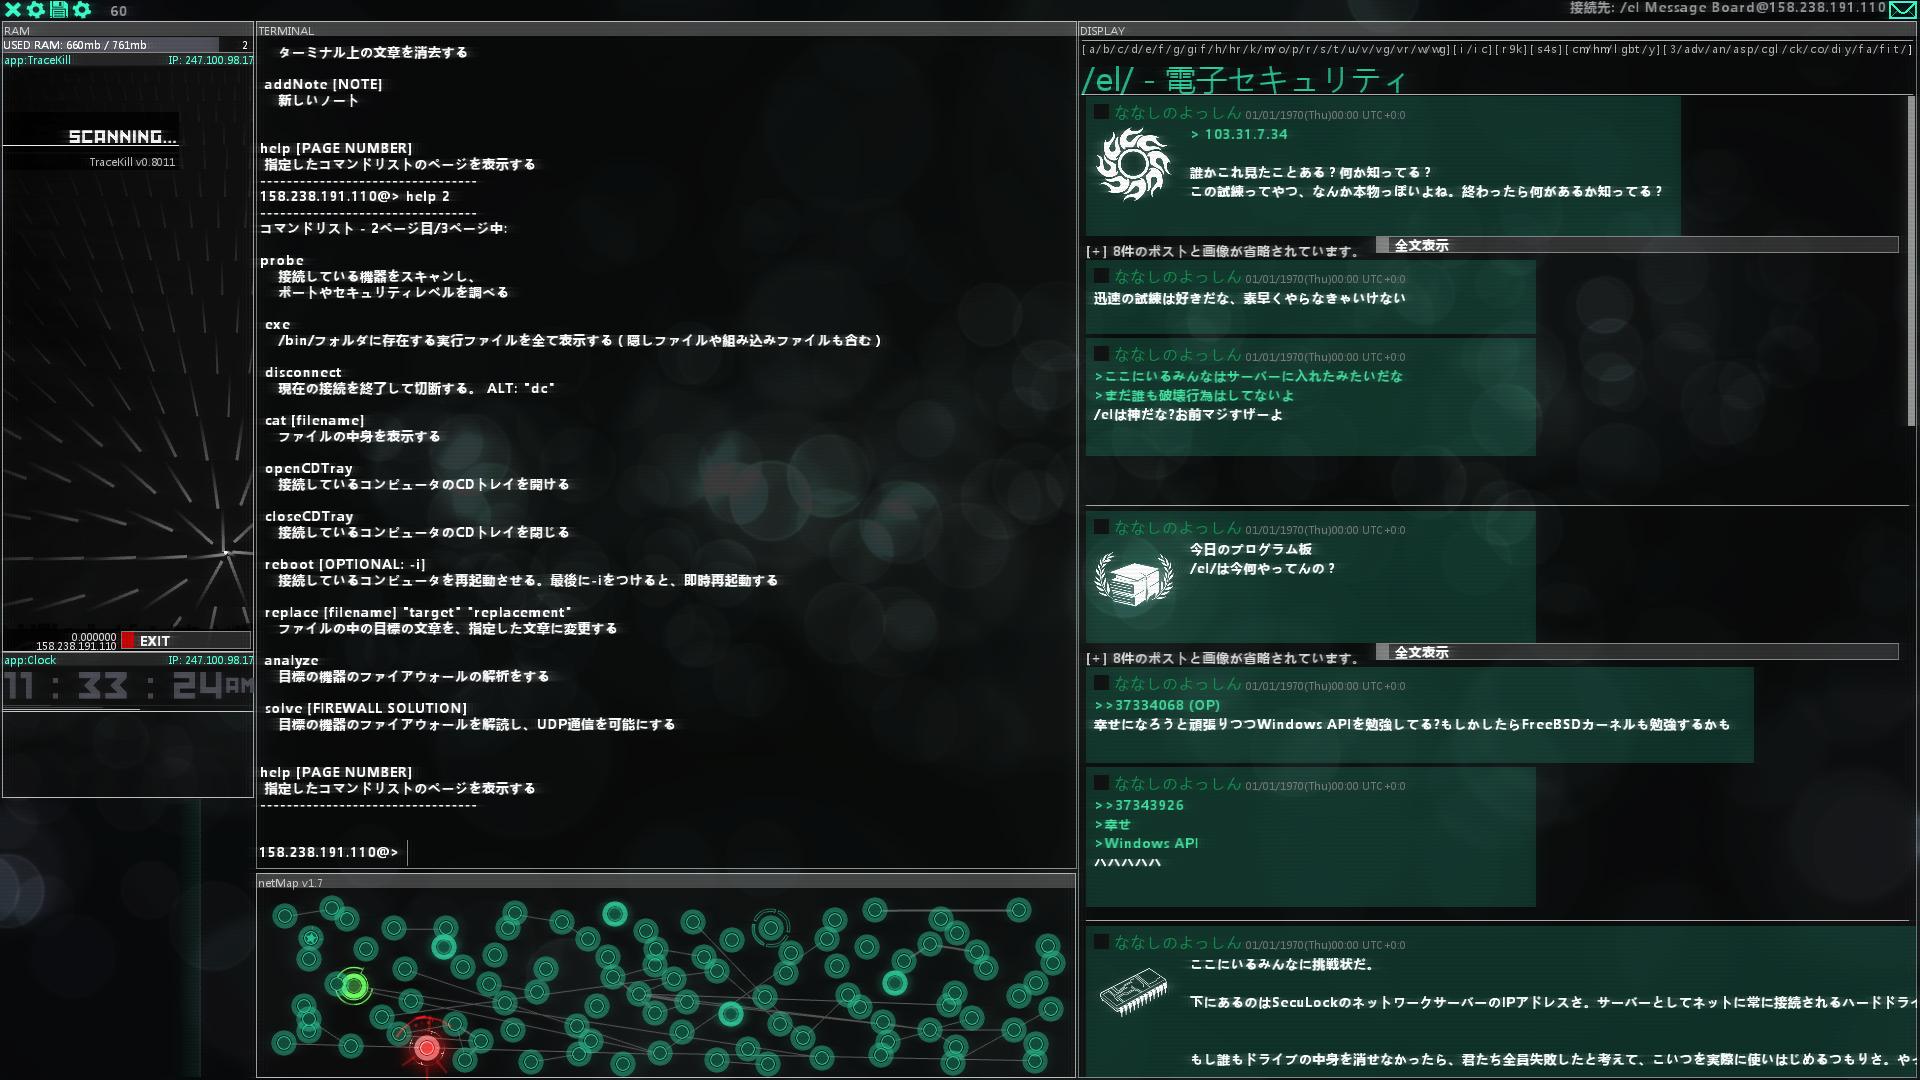 Hacknet HD wallpapers, Desktop wallpaper - most viewed